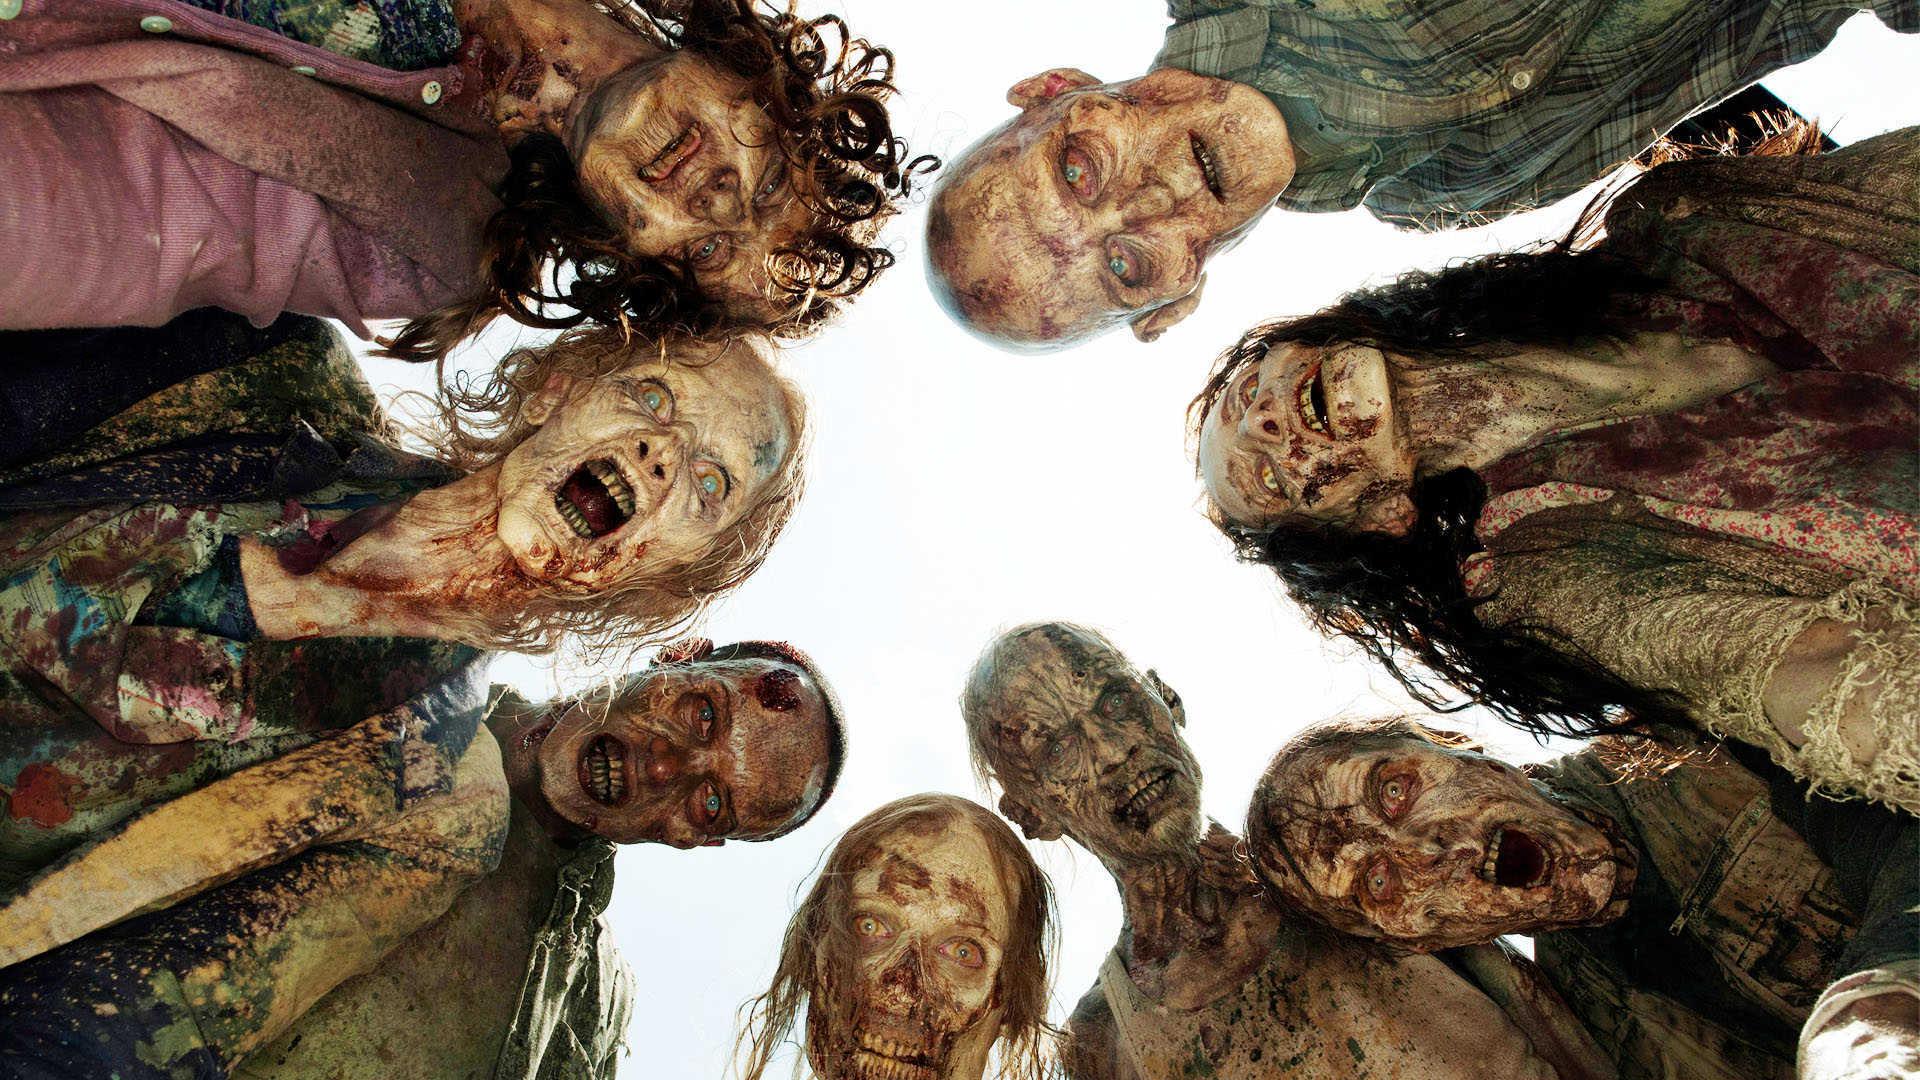 Walking Dead Season 9 Wallpapers Wallpaper Cave